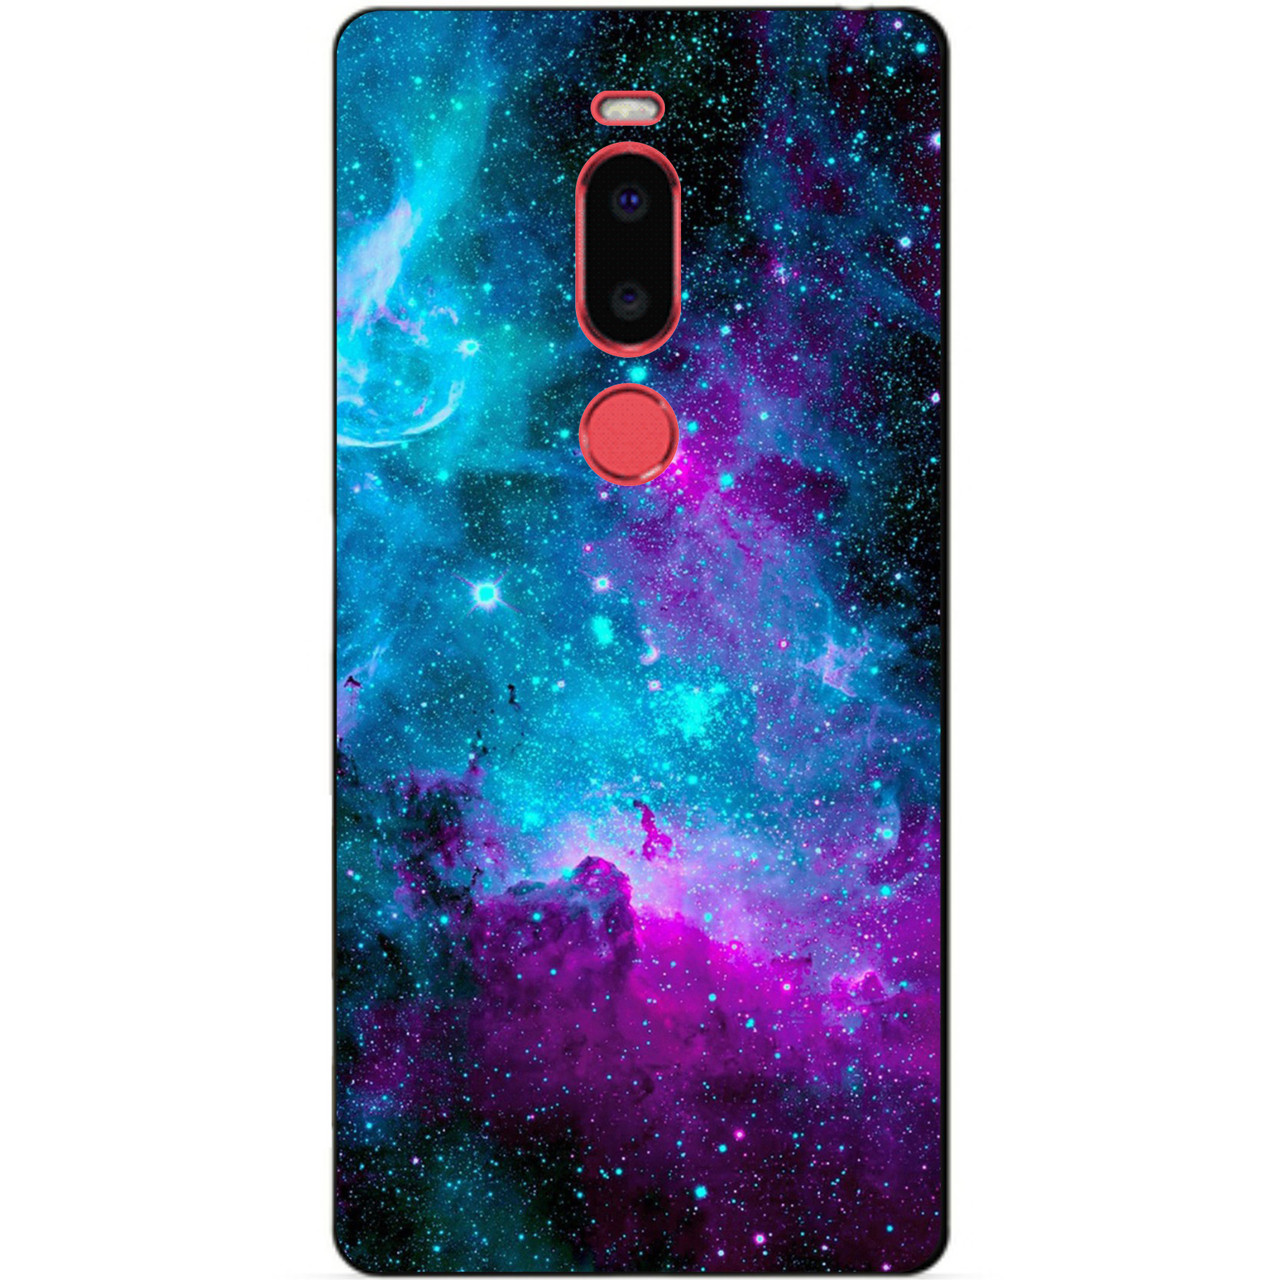 Чехол силиконовый для Meizu M8 с рисунком Галактика